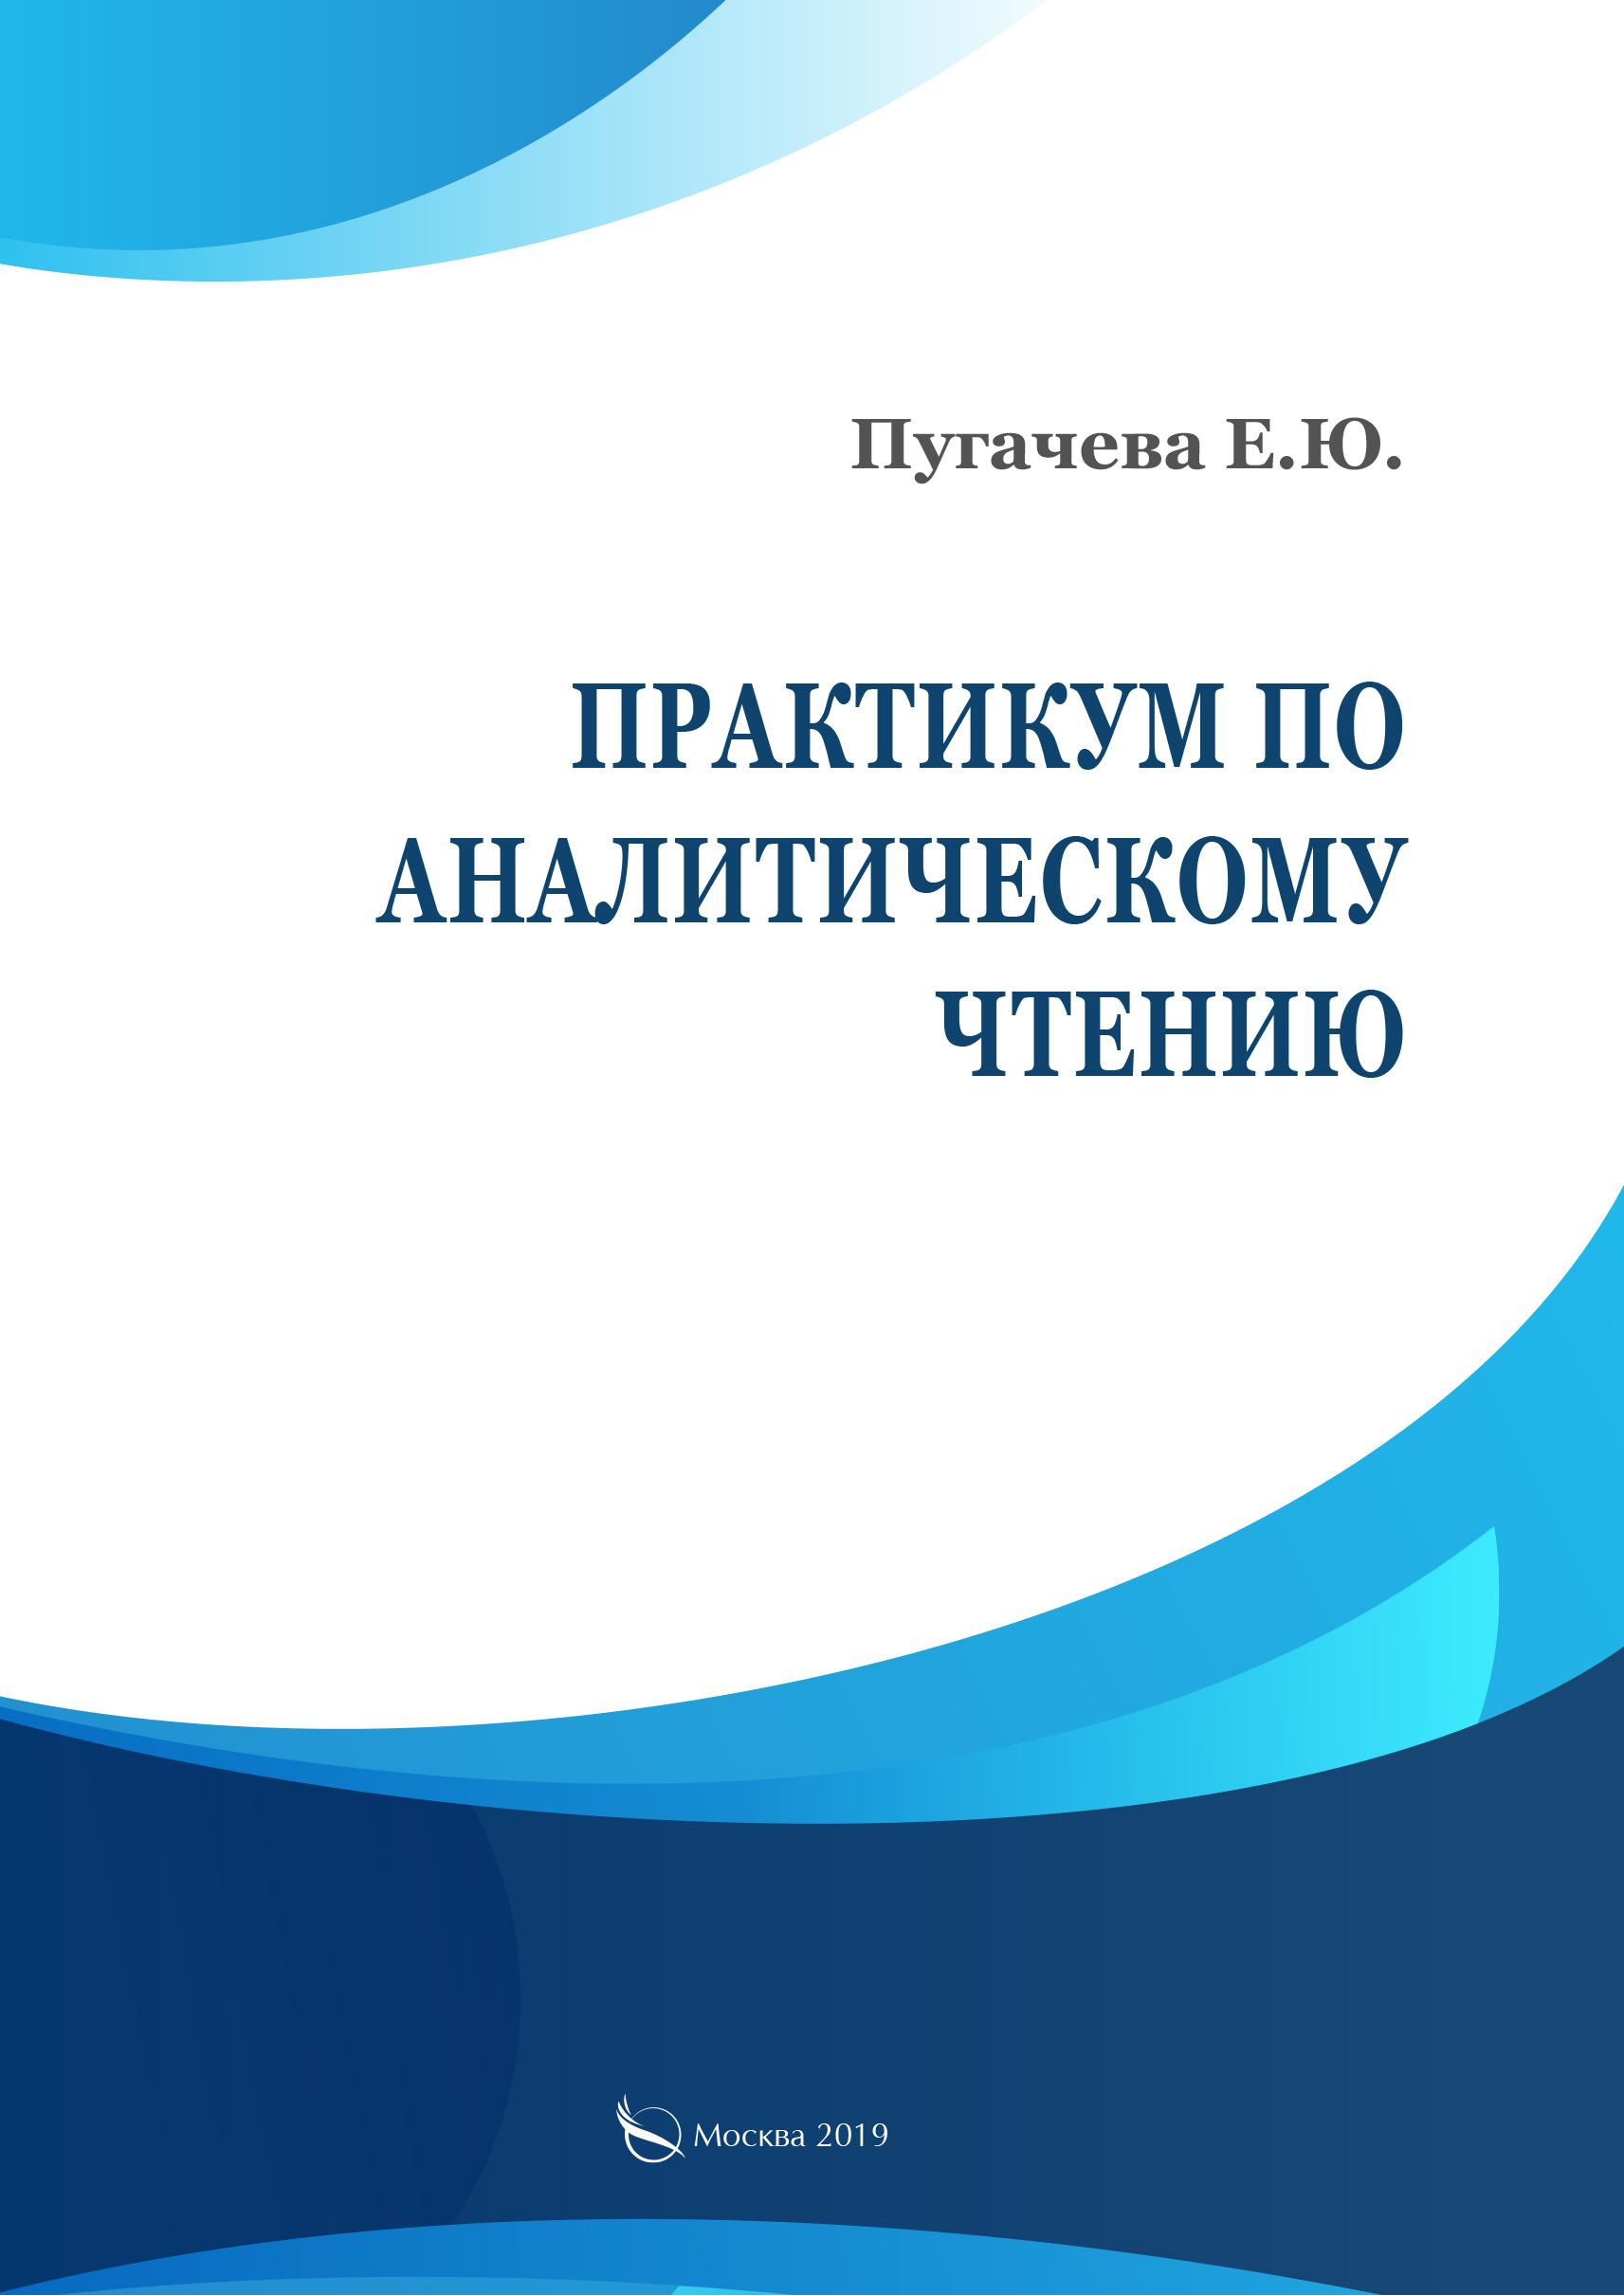 Е. Ю. Пугачева. Практикум по аналитическому чтению